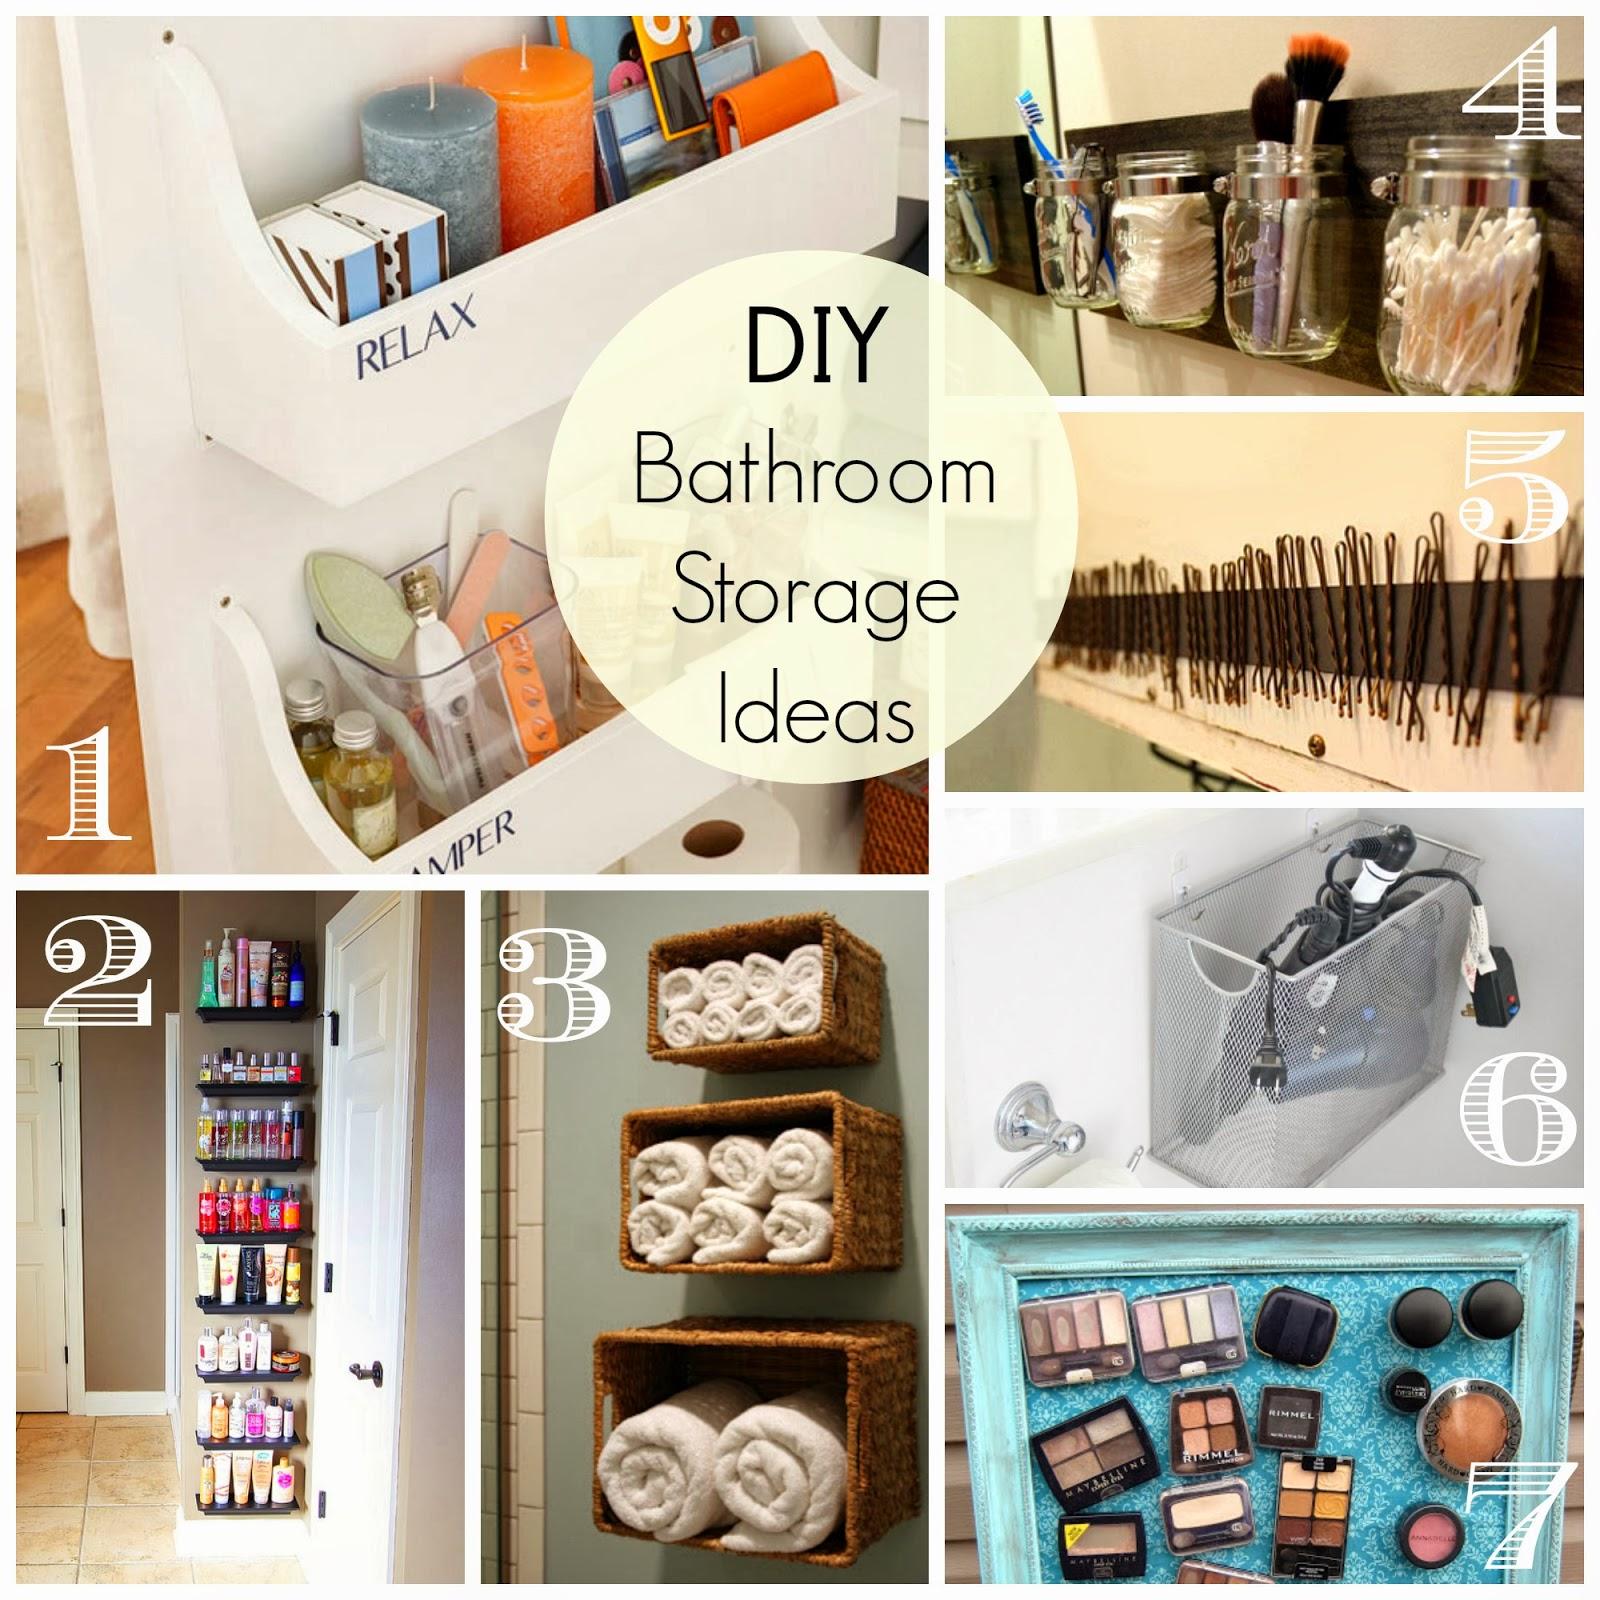 53 Organizador de almacenamiento de baño y en las ideas - Fotos Para Inspiration ()